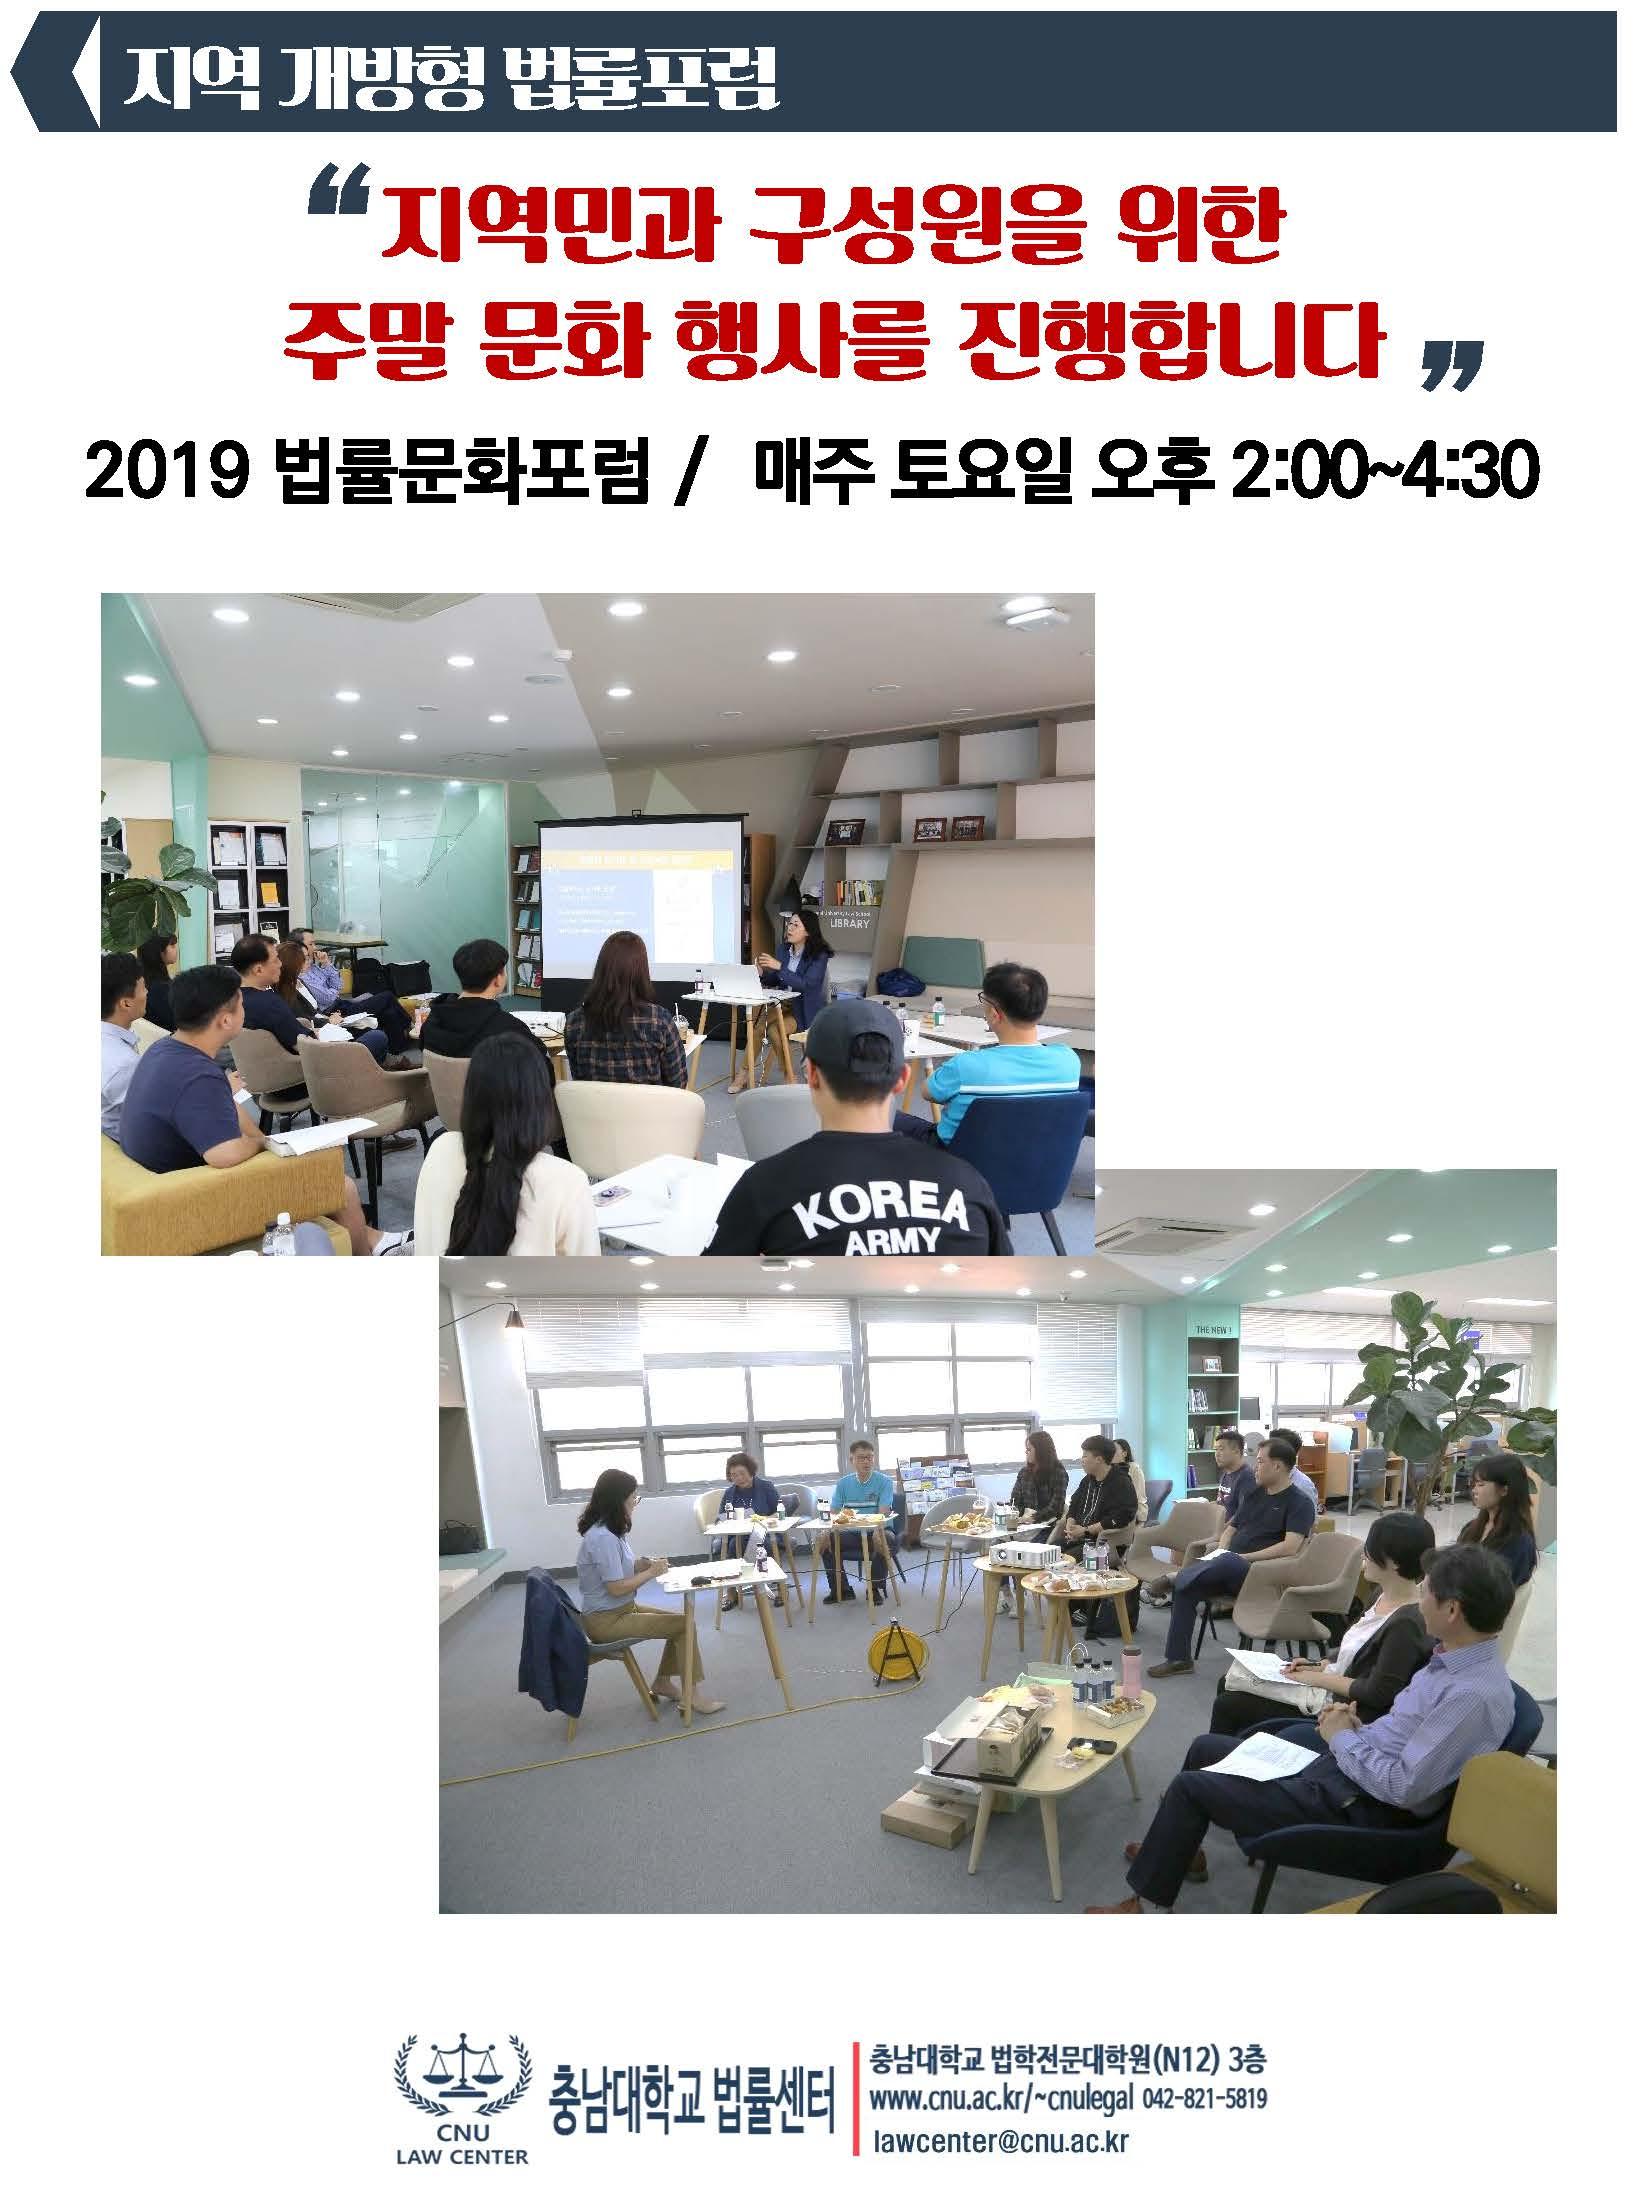 충남대학교 법률센터 홍보자료_페이지_11.jpg